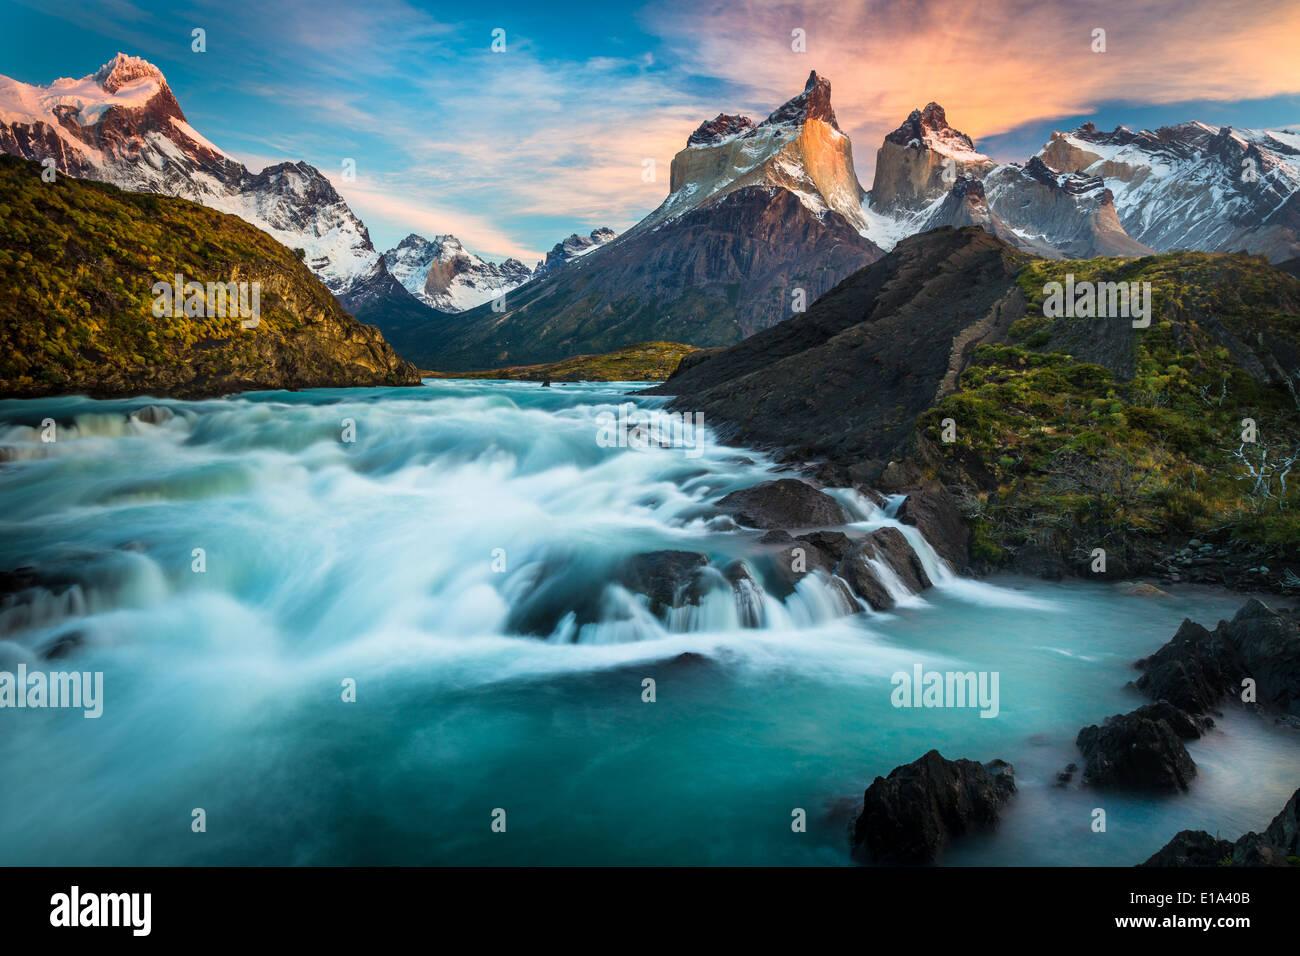 Los Cuernos elevándose sobre Salto Grande y el Lago Nordenskjold, Torres del Paine, en la Patagonia Chilena. Imagen De Stock